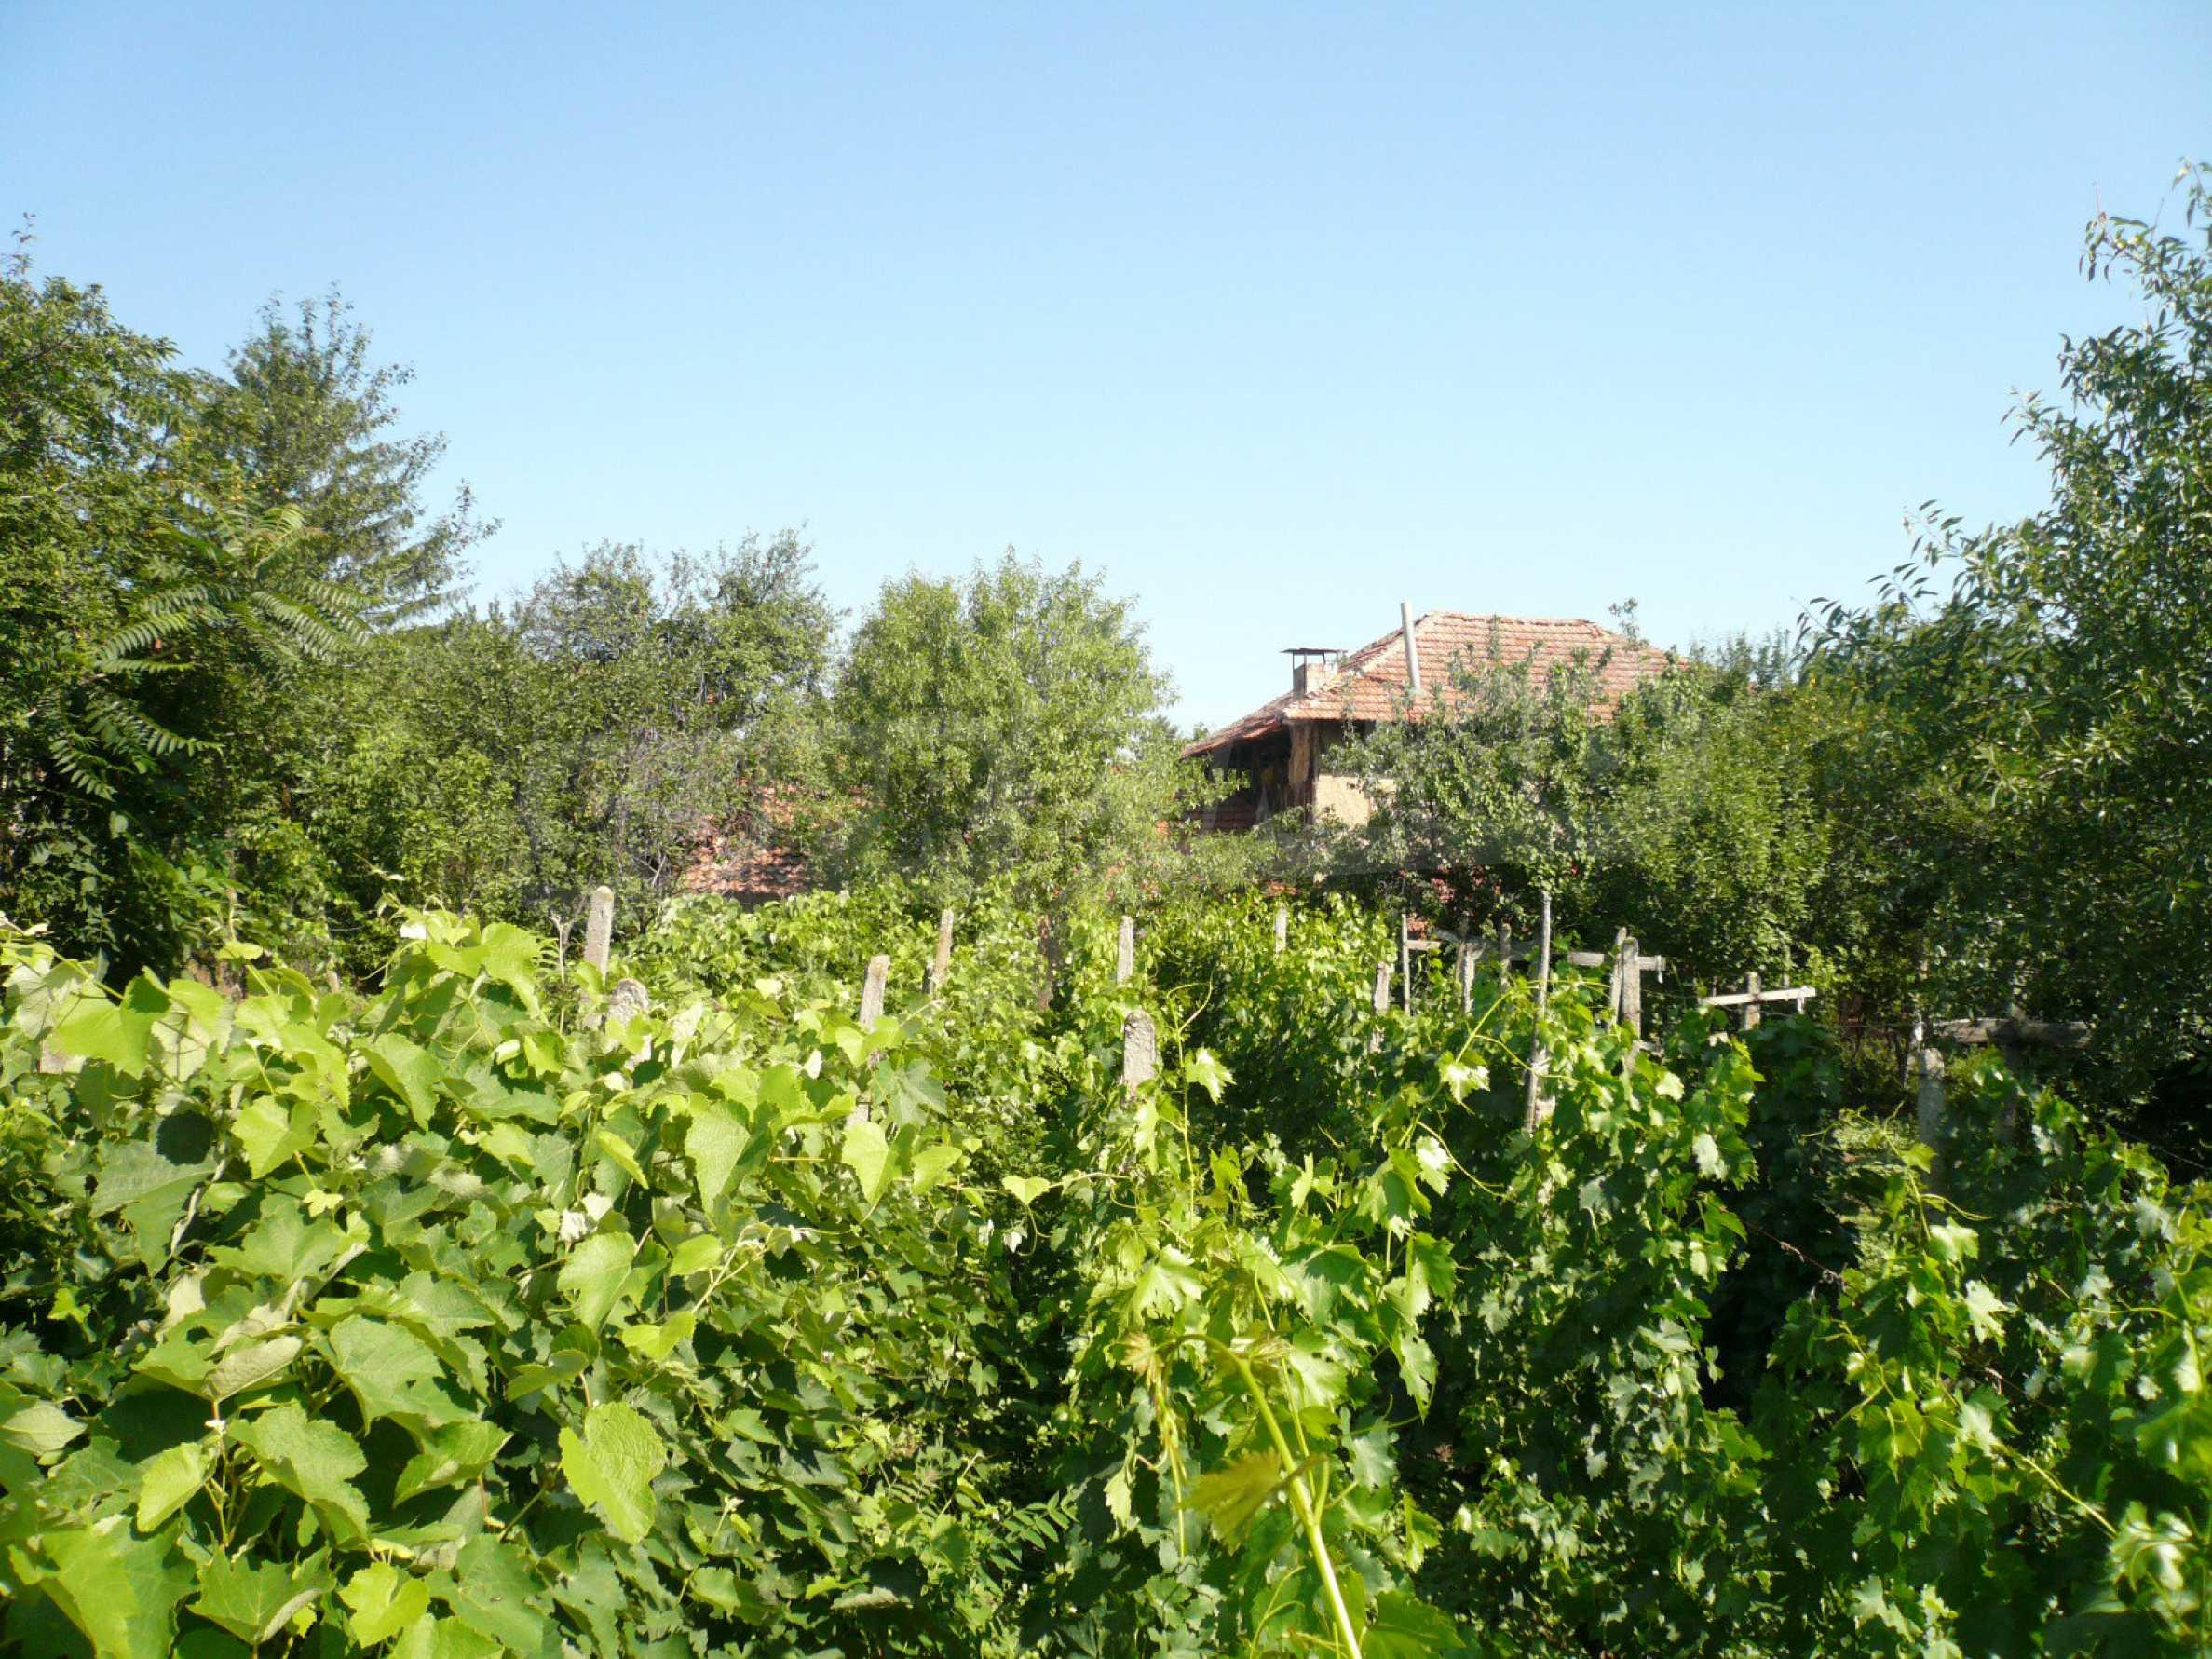 Ländliche Häuser mit einem Garten 12 km von Vidin entfernt 15